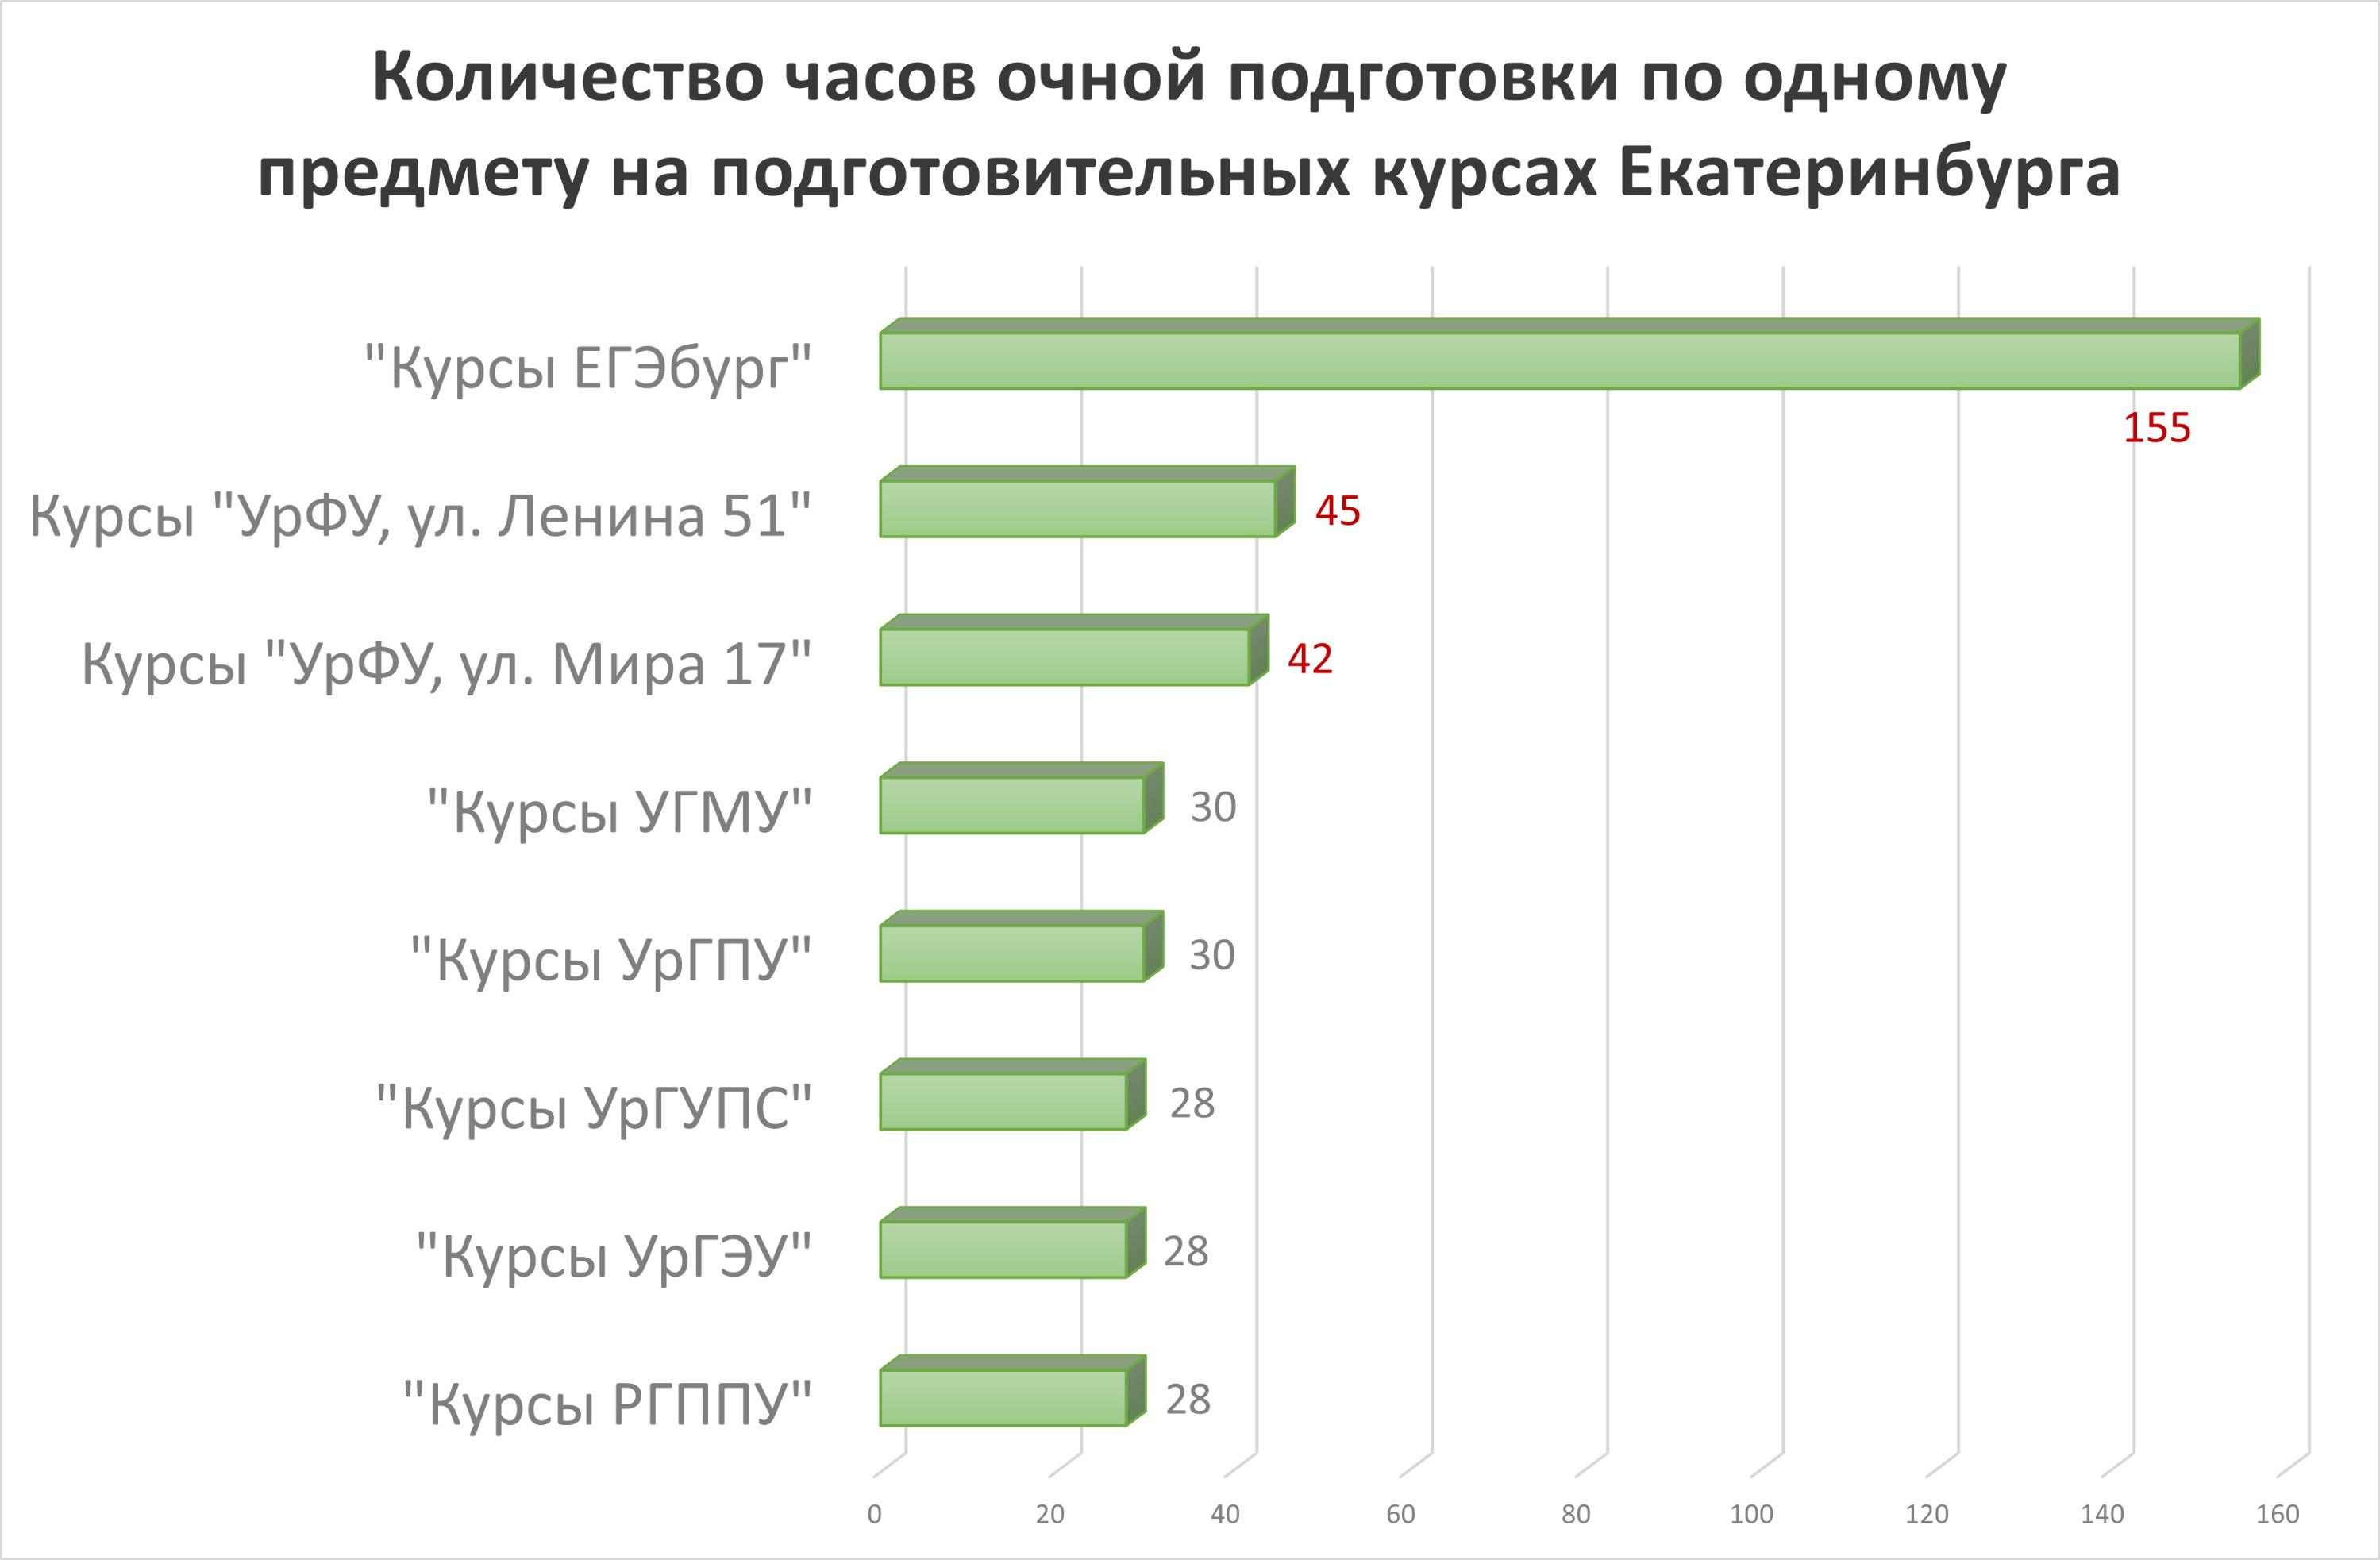 Согласно исследованию, объем академических часов, выдаваемых разными краткосрочными курсами подготовки к ЕГЭ в Екатеринбурге, различается в разы